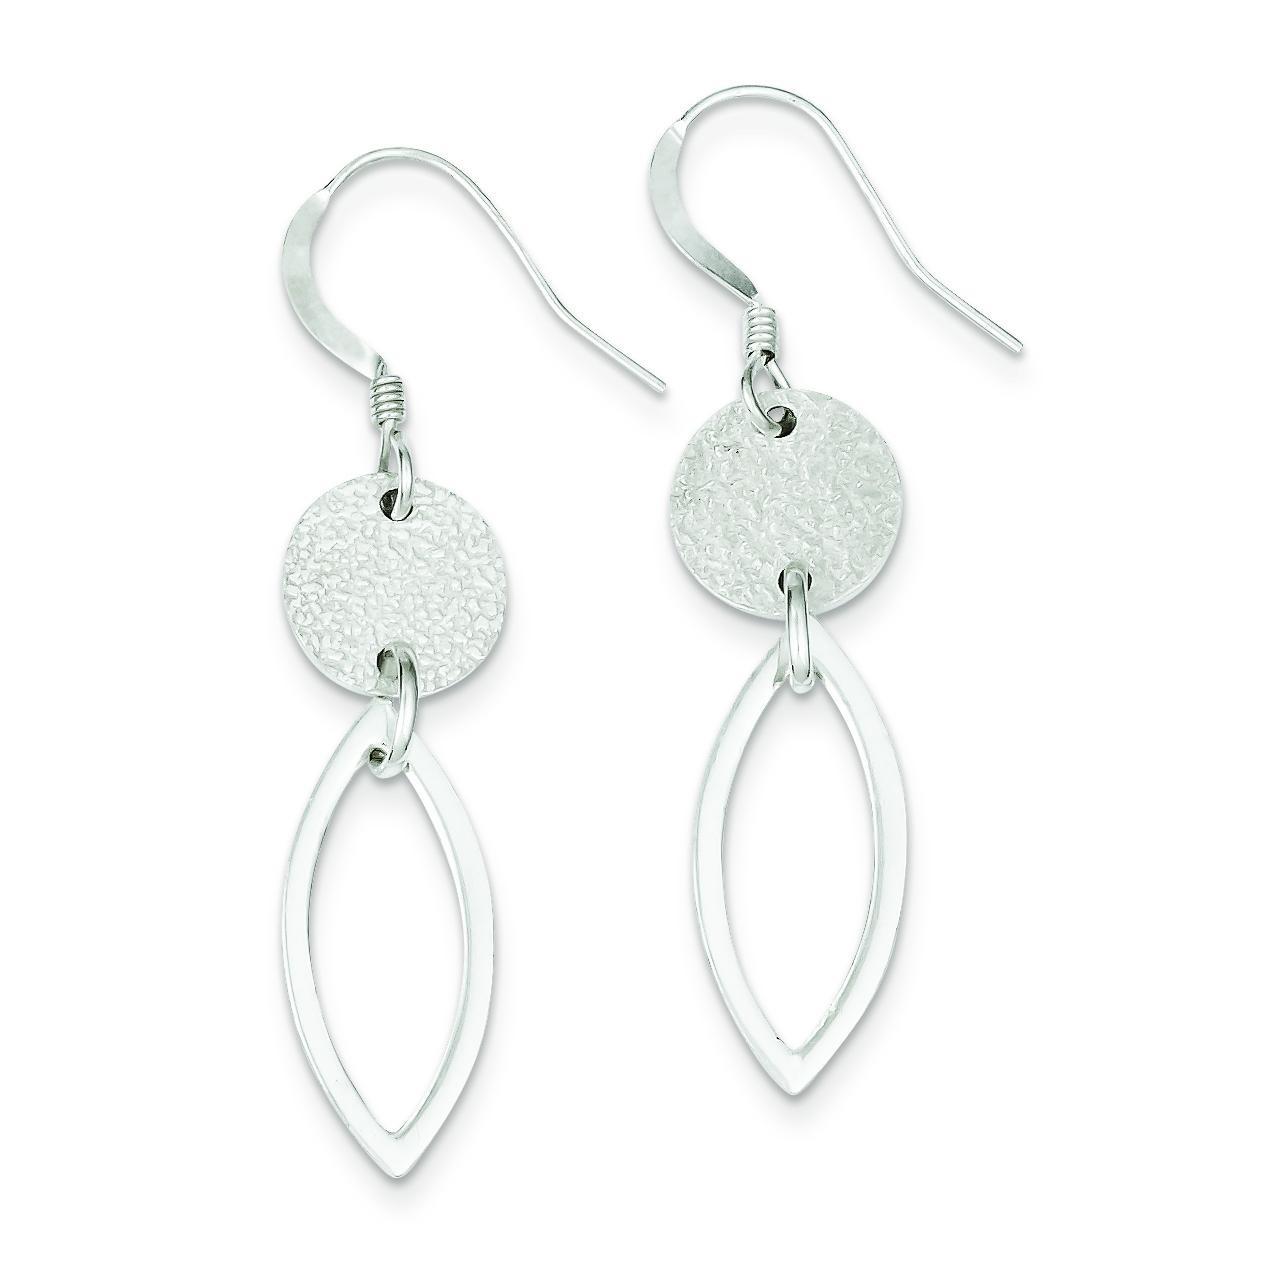 Textured Fancy Dangle Earrings in Sterling Silver